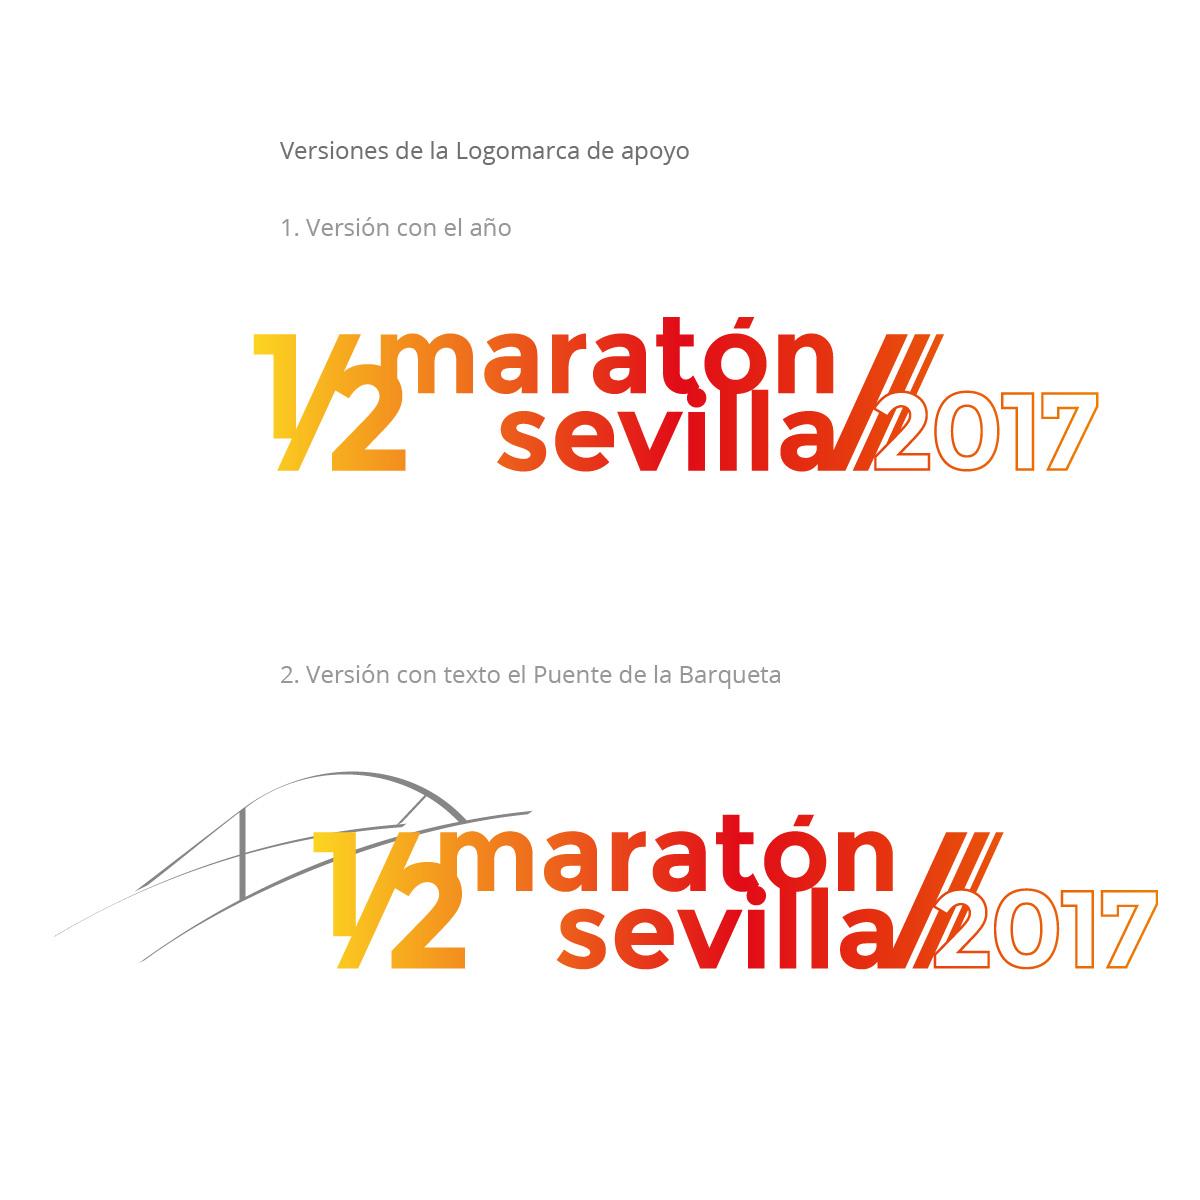 Media Maraton Sevilla 3